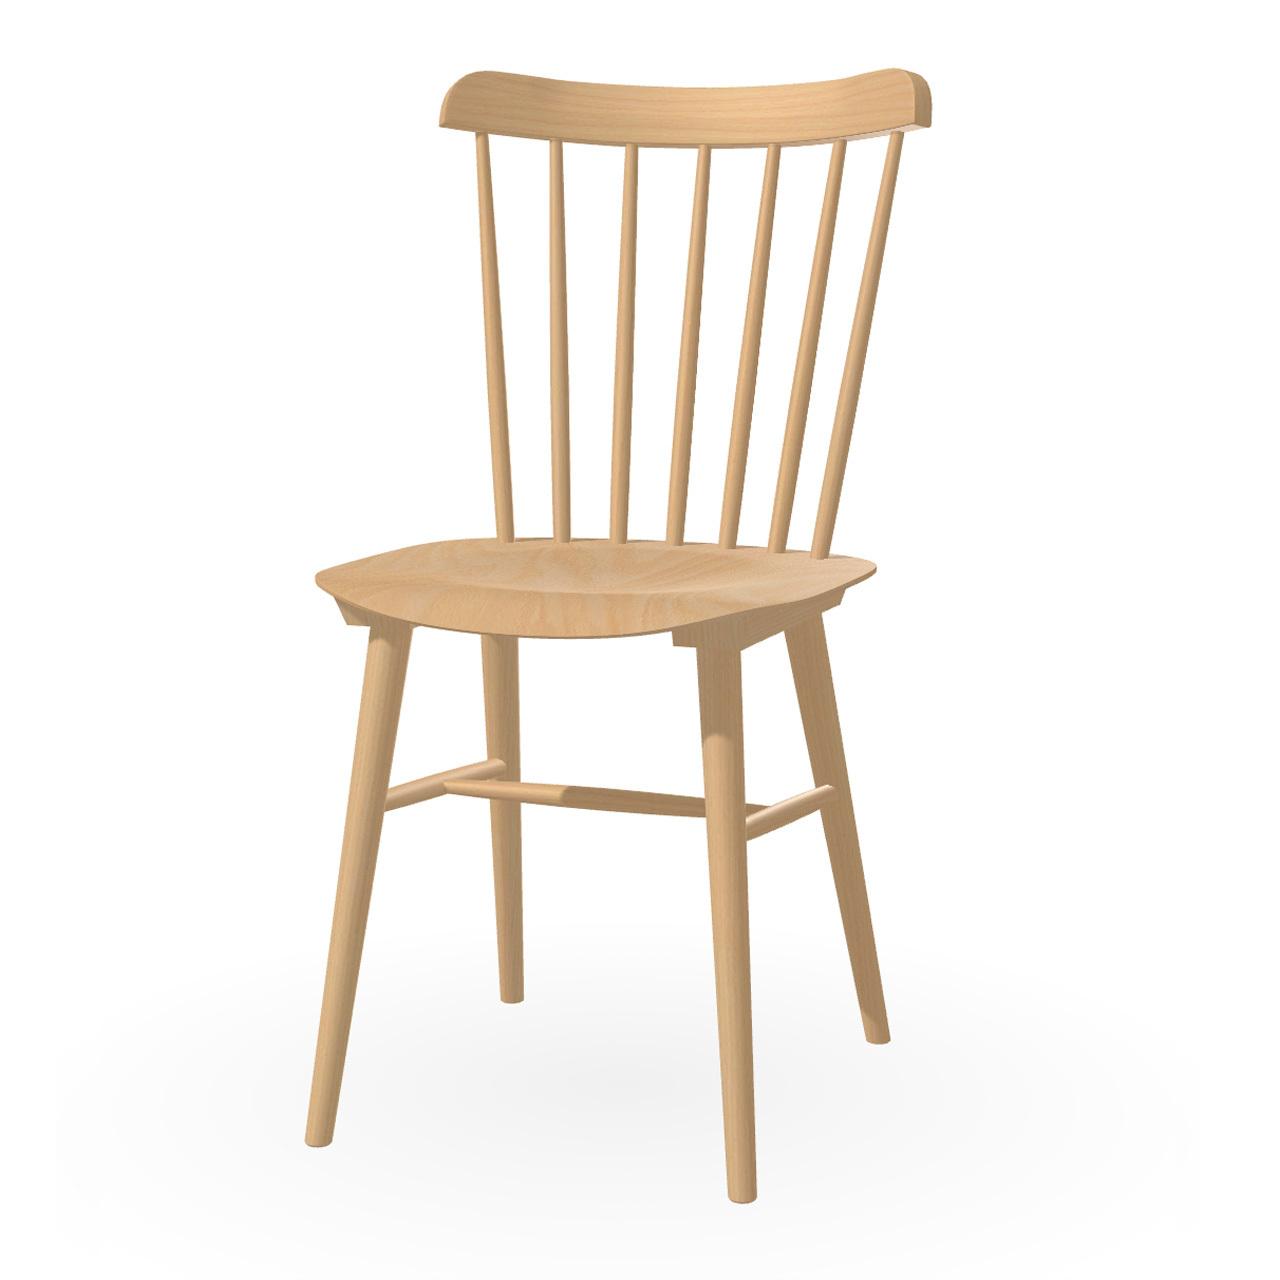 Ton Stuhl im Retro-Stil für den Esstisch  Eiche Natural geölt,  Helle Kunststoffgleiter